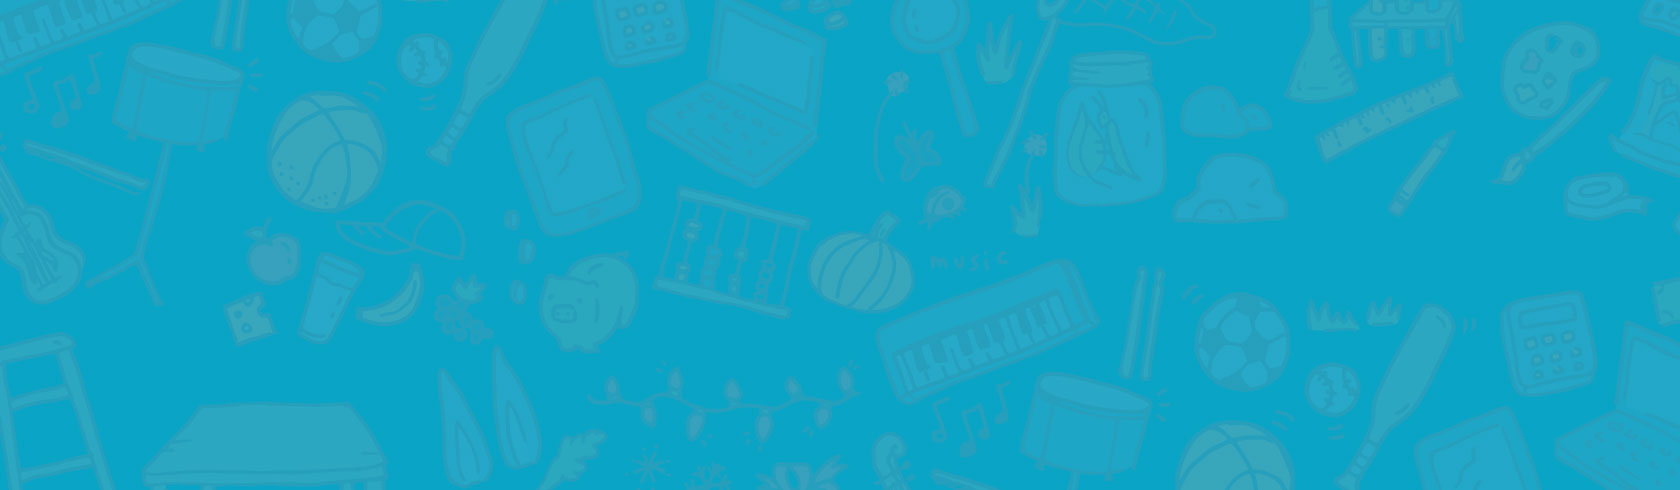 SaveAbles dark blue background